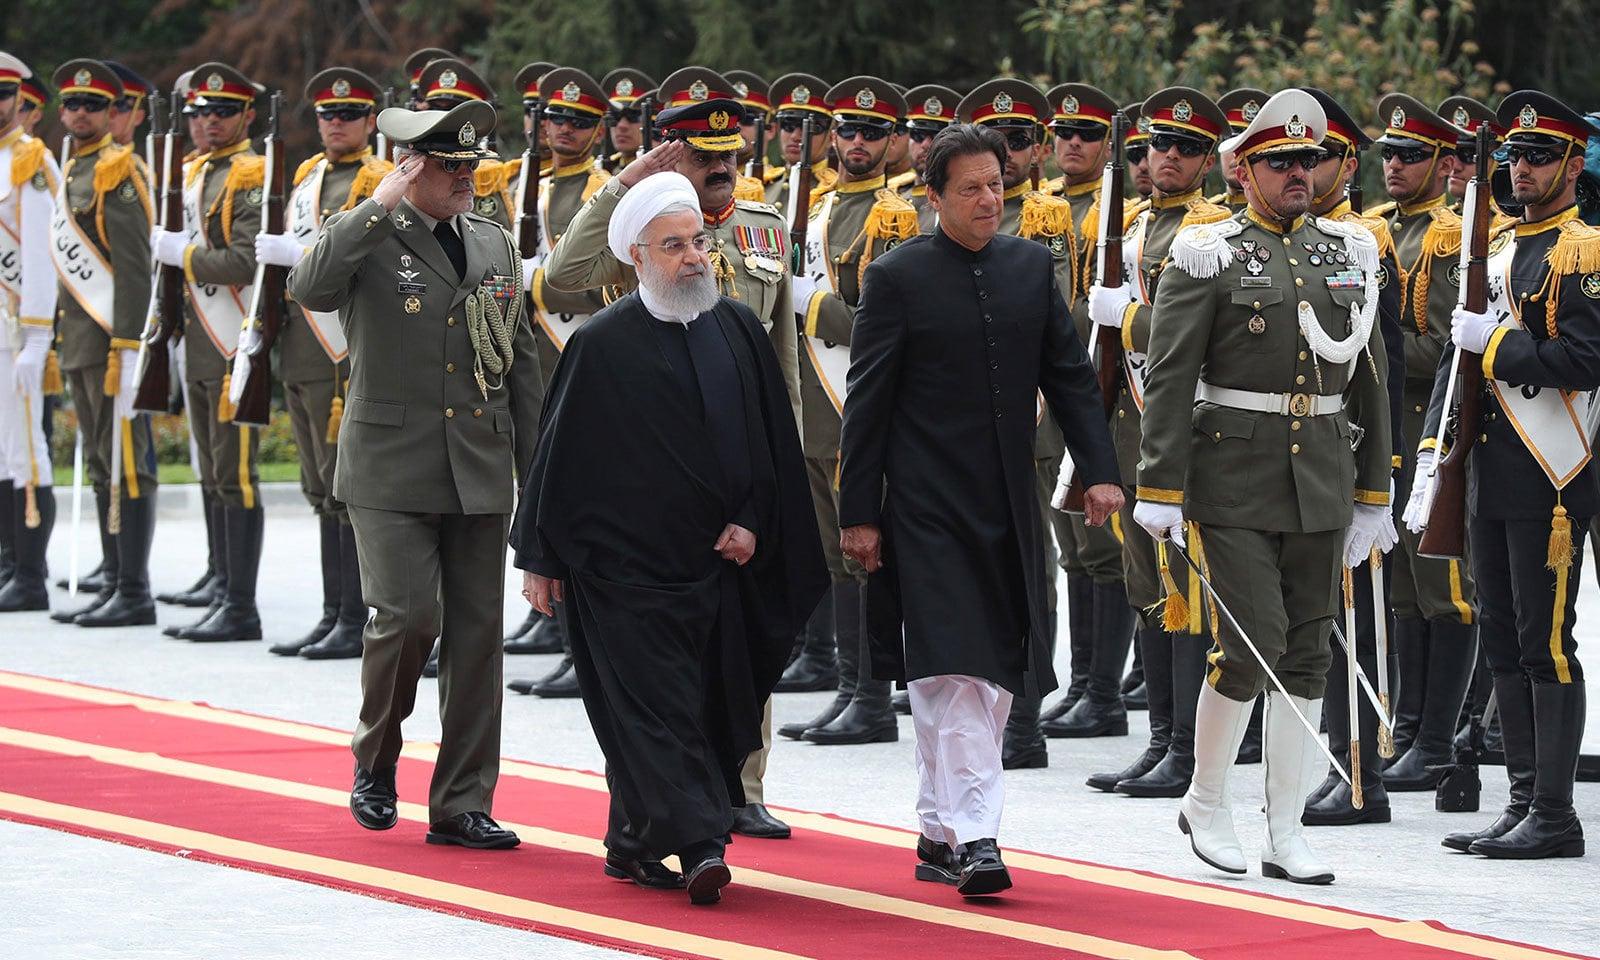 ایرانی صدر کی جانب سے وزیراعظم عمران خان کے اعزازمیں استقبالیہ دیا گیا—فوٹو:اے ایف پی